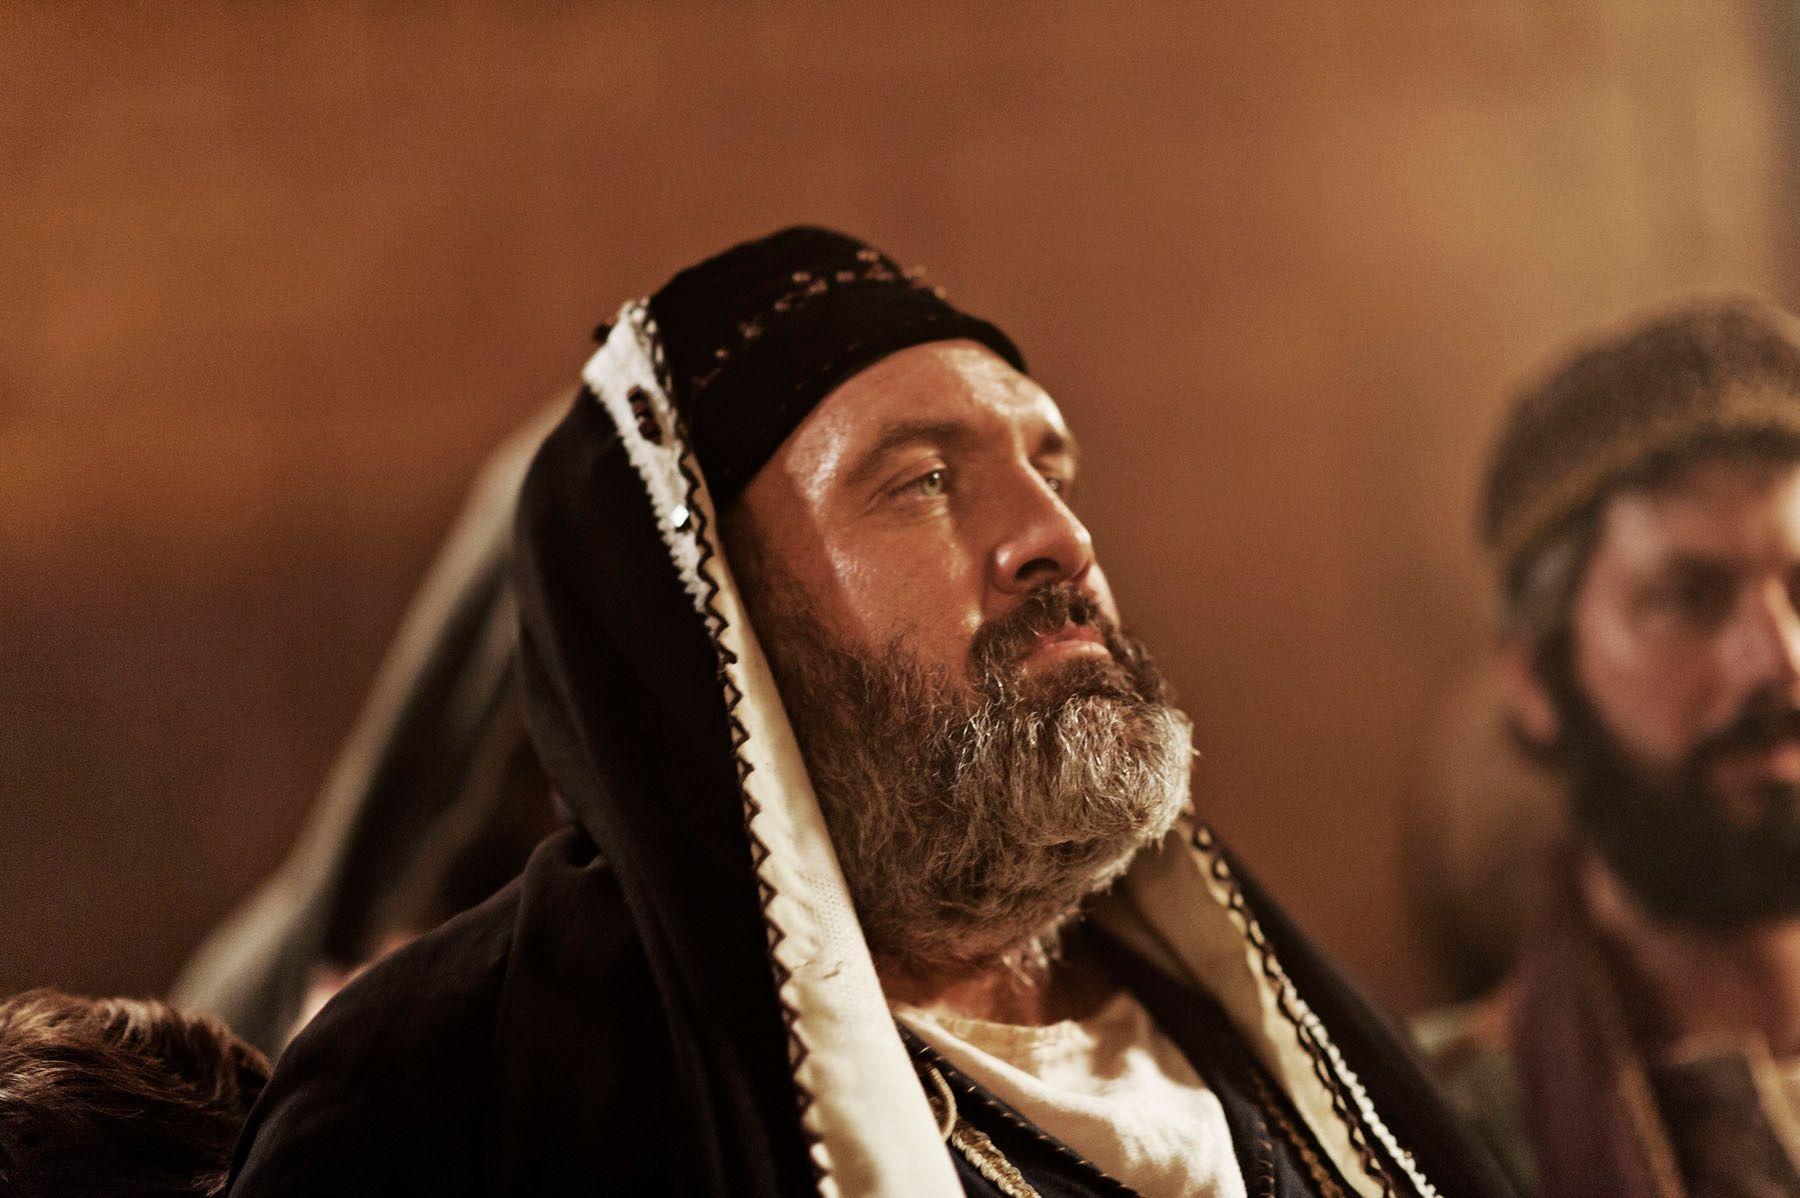 Caiaphas judges Christ.